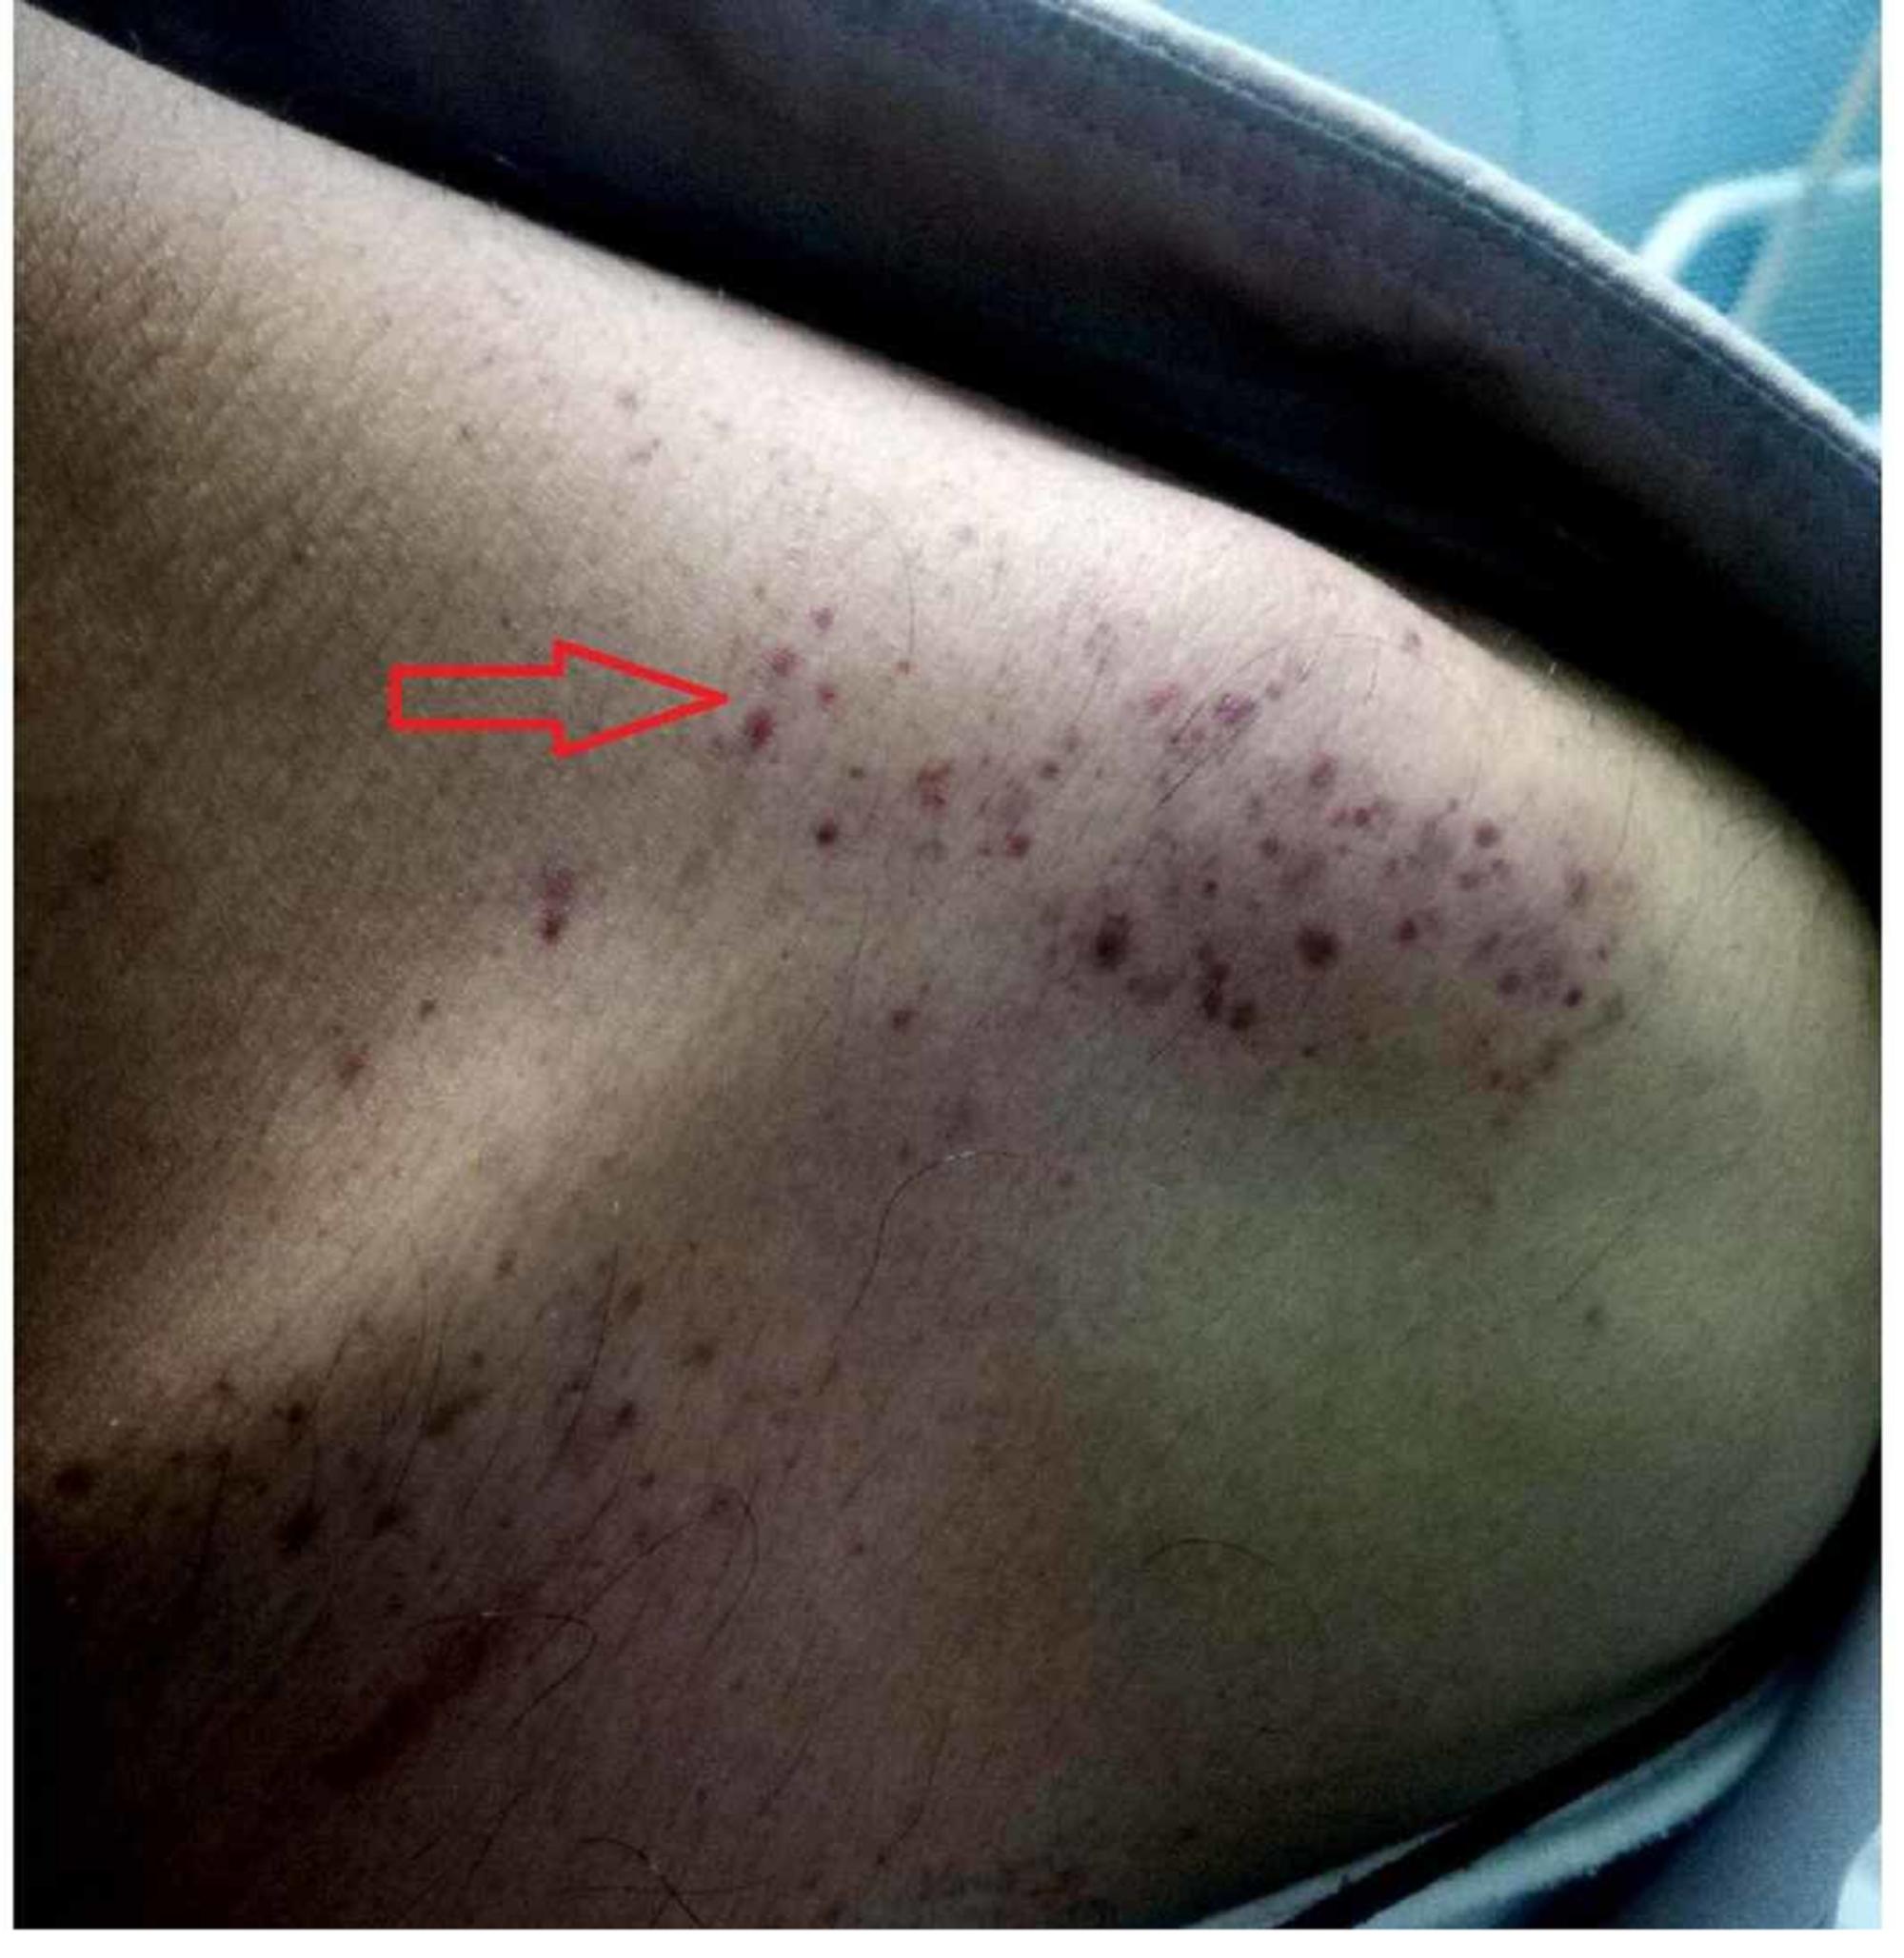 Dang humması hastasının sol omzunda çoklu purpura ve peteşi